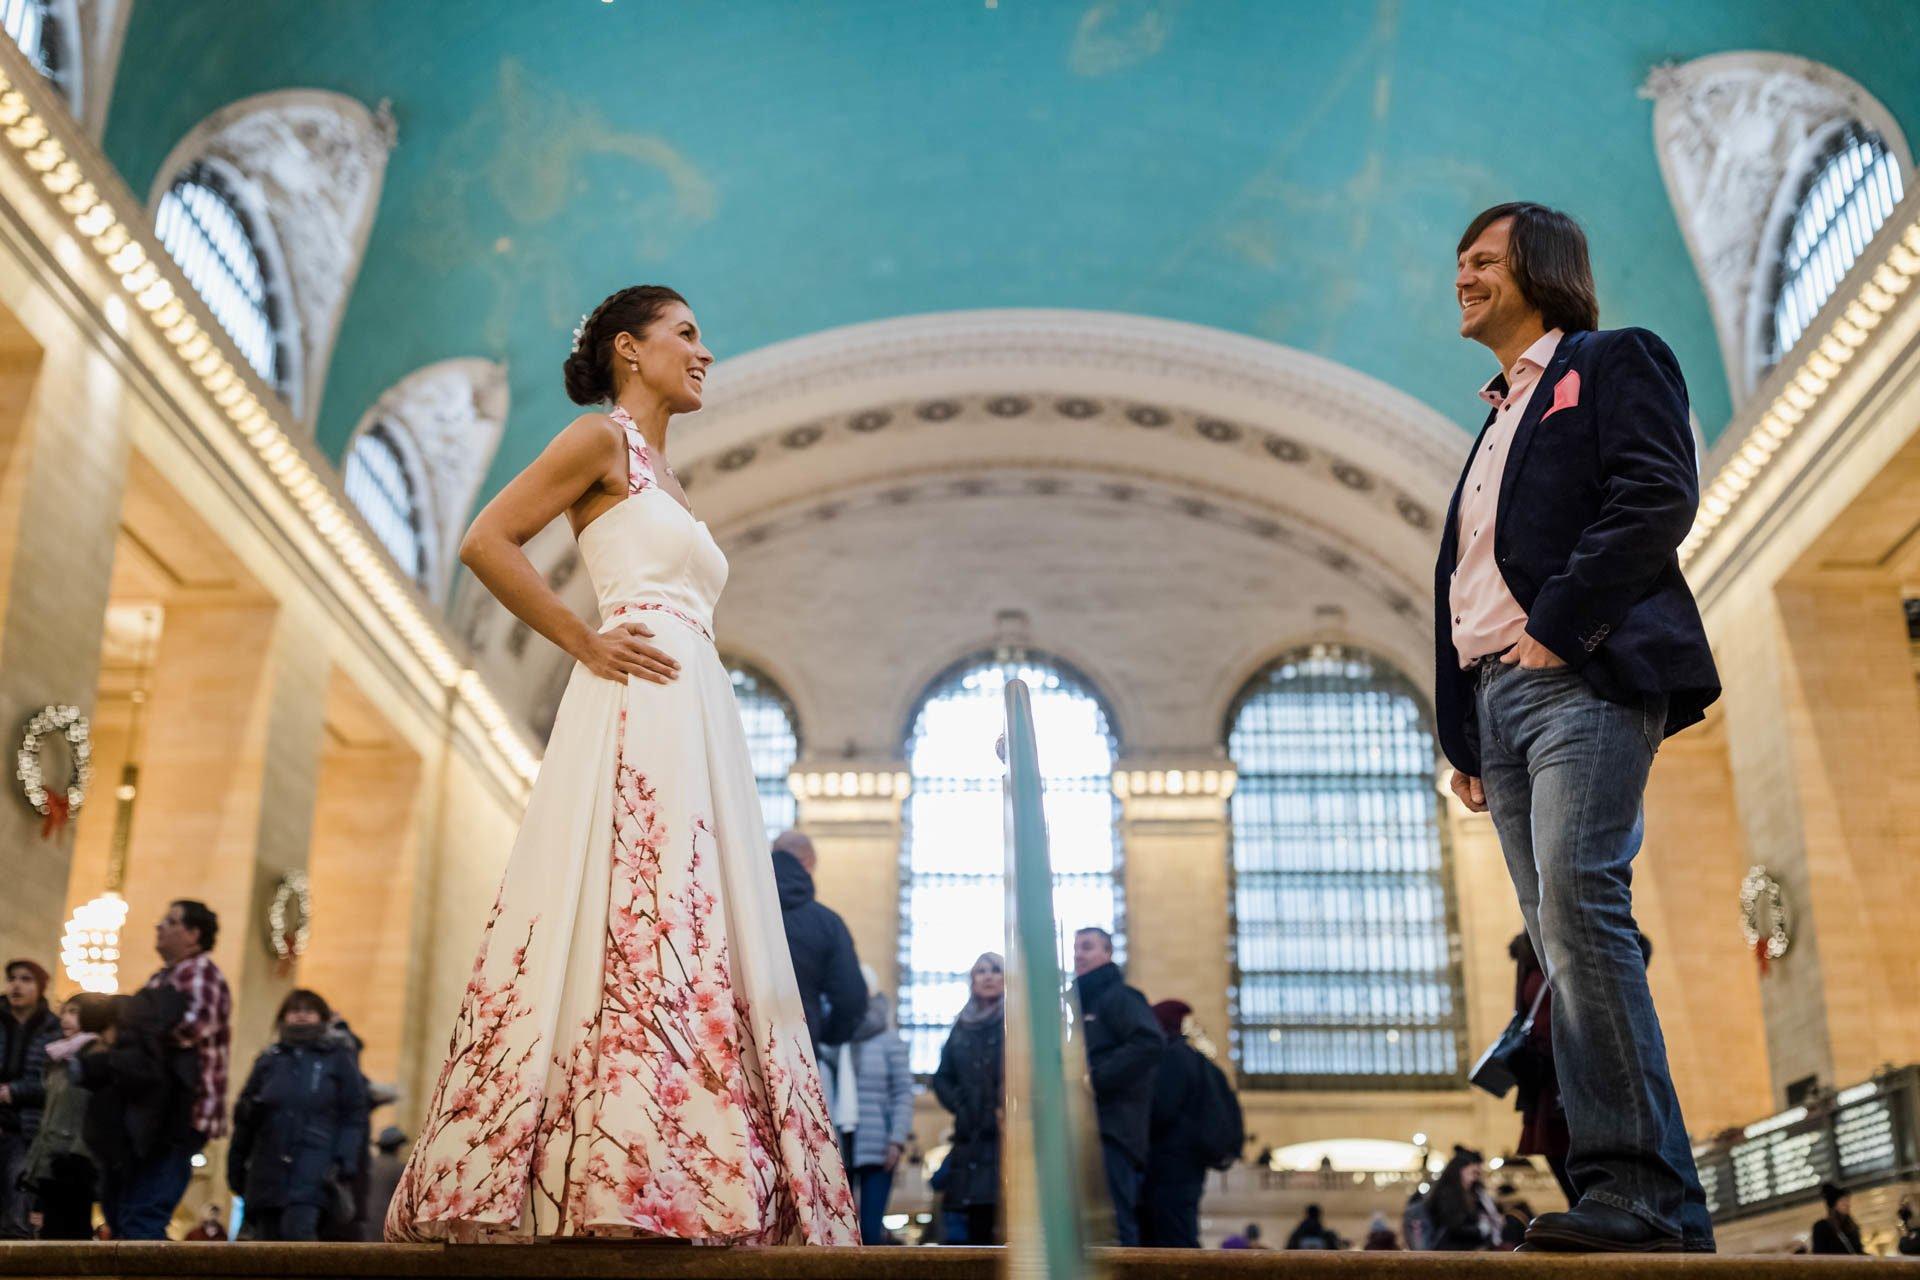 Brautpaar in New York, beide stehen etwas entfernt und strahlen sich an